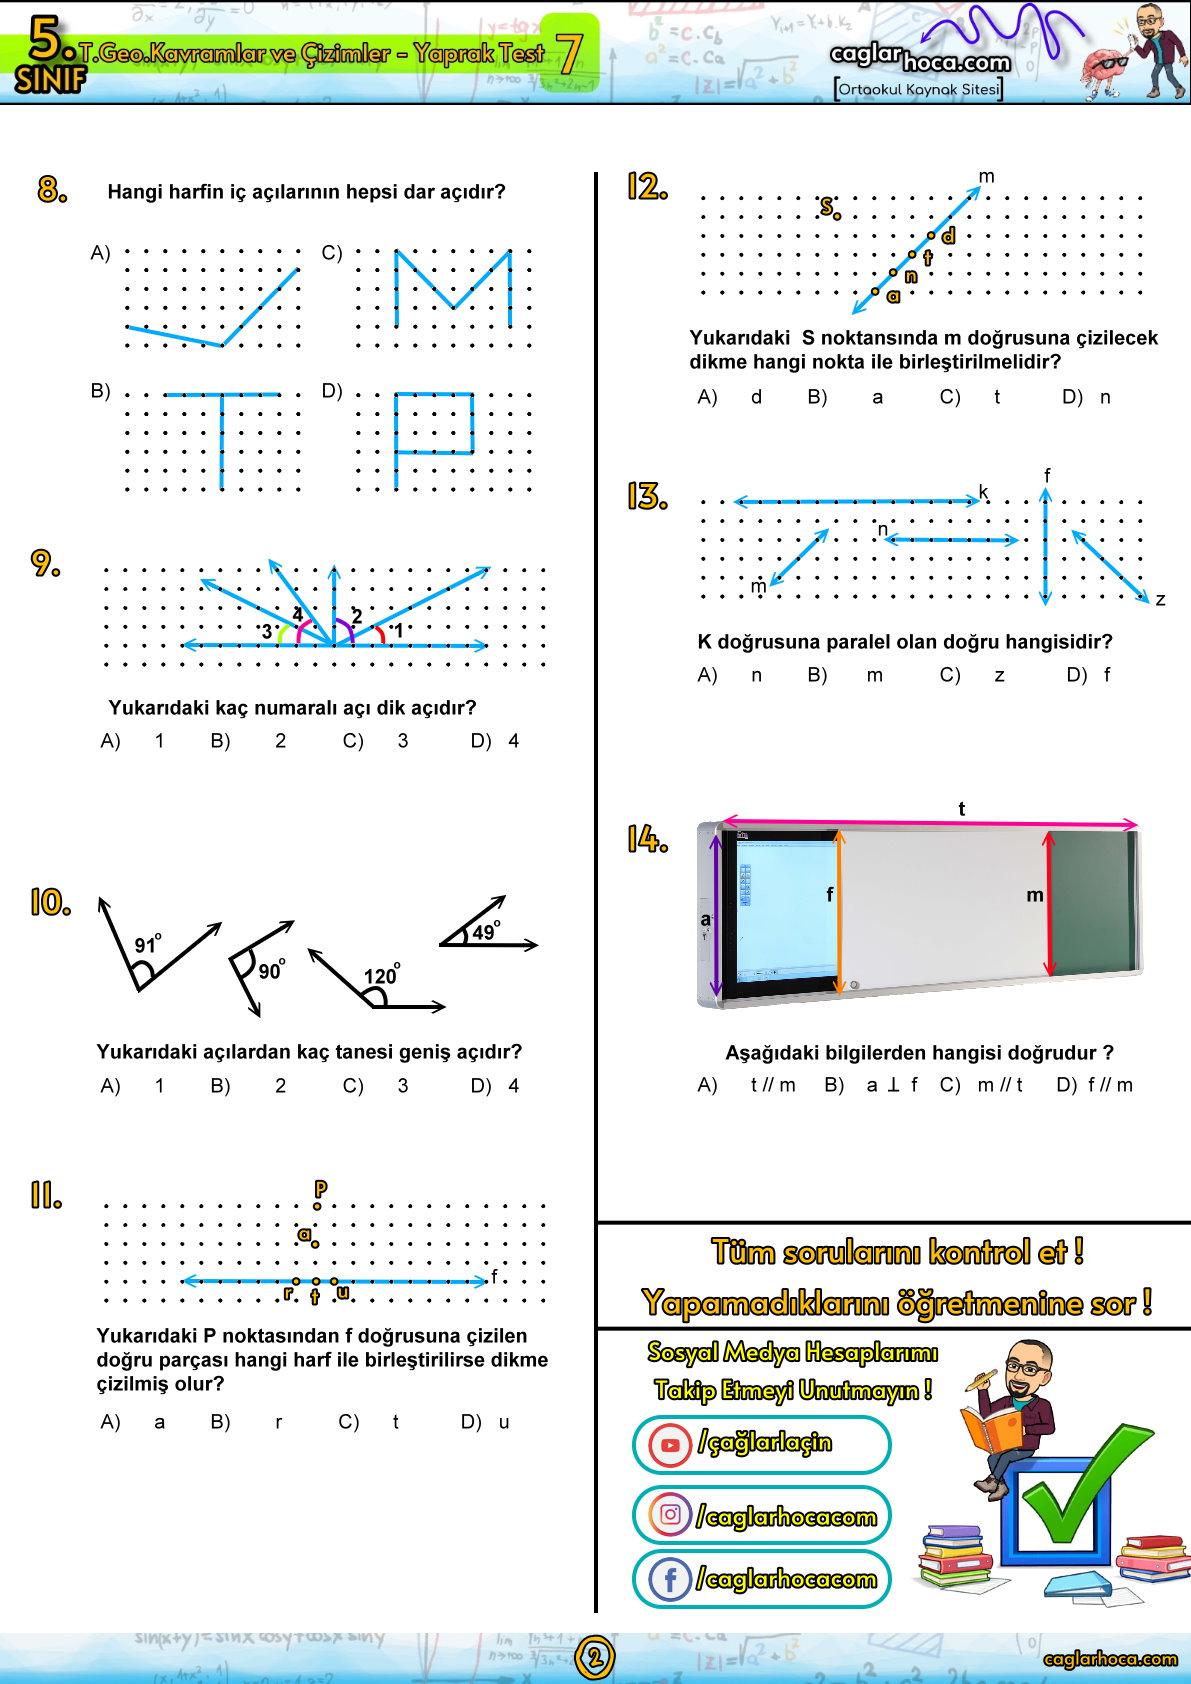 5.sınıf 7.ünite temel geometrik kavramlar ve çizimler yaprak test